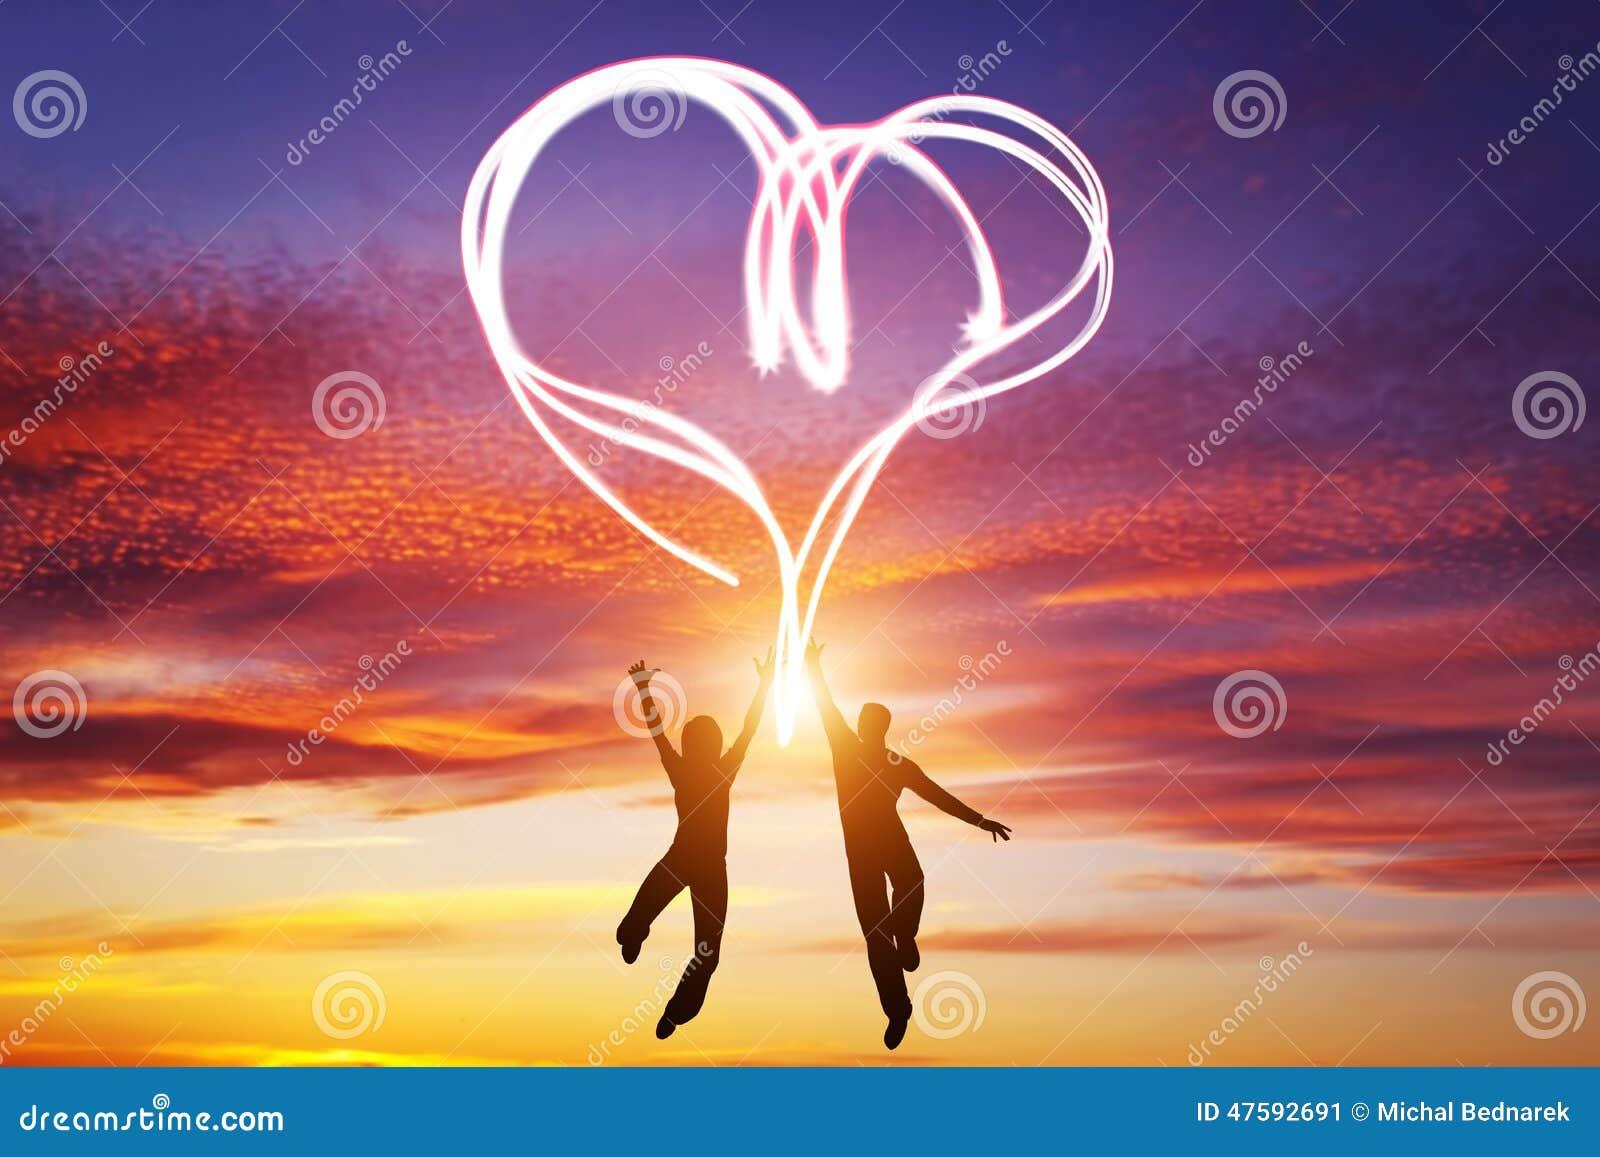 Les couples heureux dans l 39 amour sautent faisant le symbole de coeur de la lumi re illustration - Couple faisant l amour dans la cuisine ...